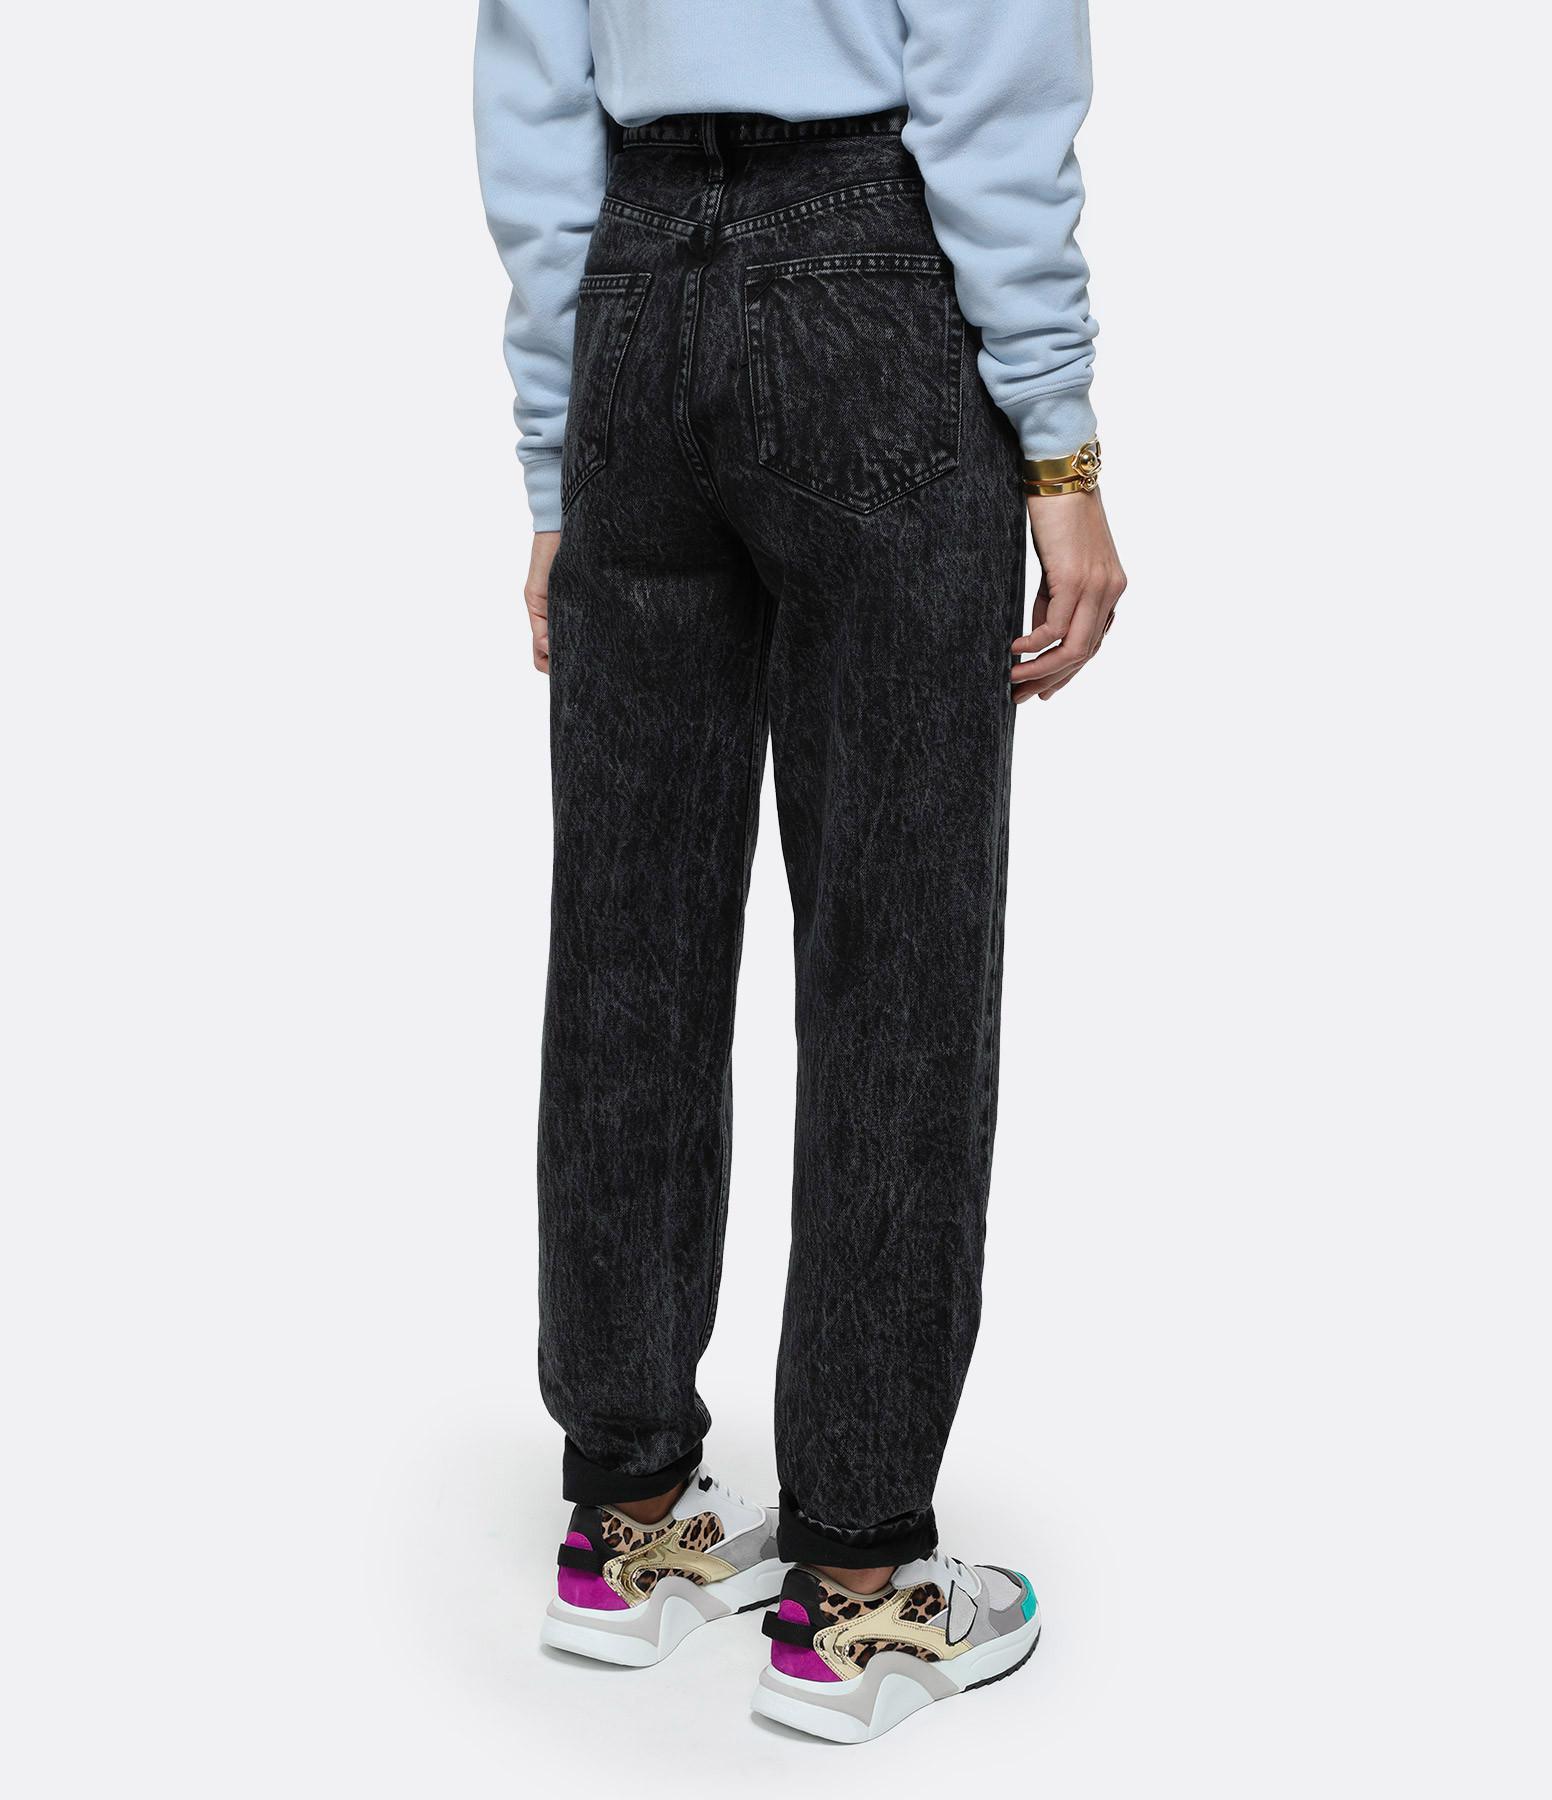 OVERLOVER - Pantalon Chelsea Noir